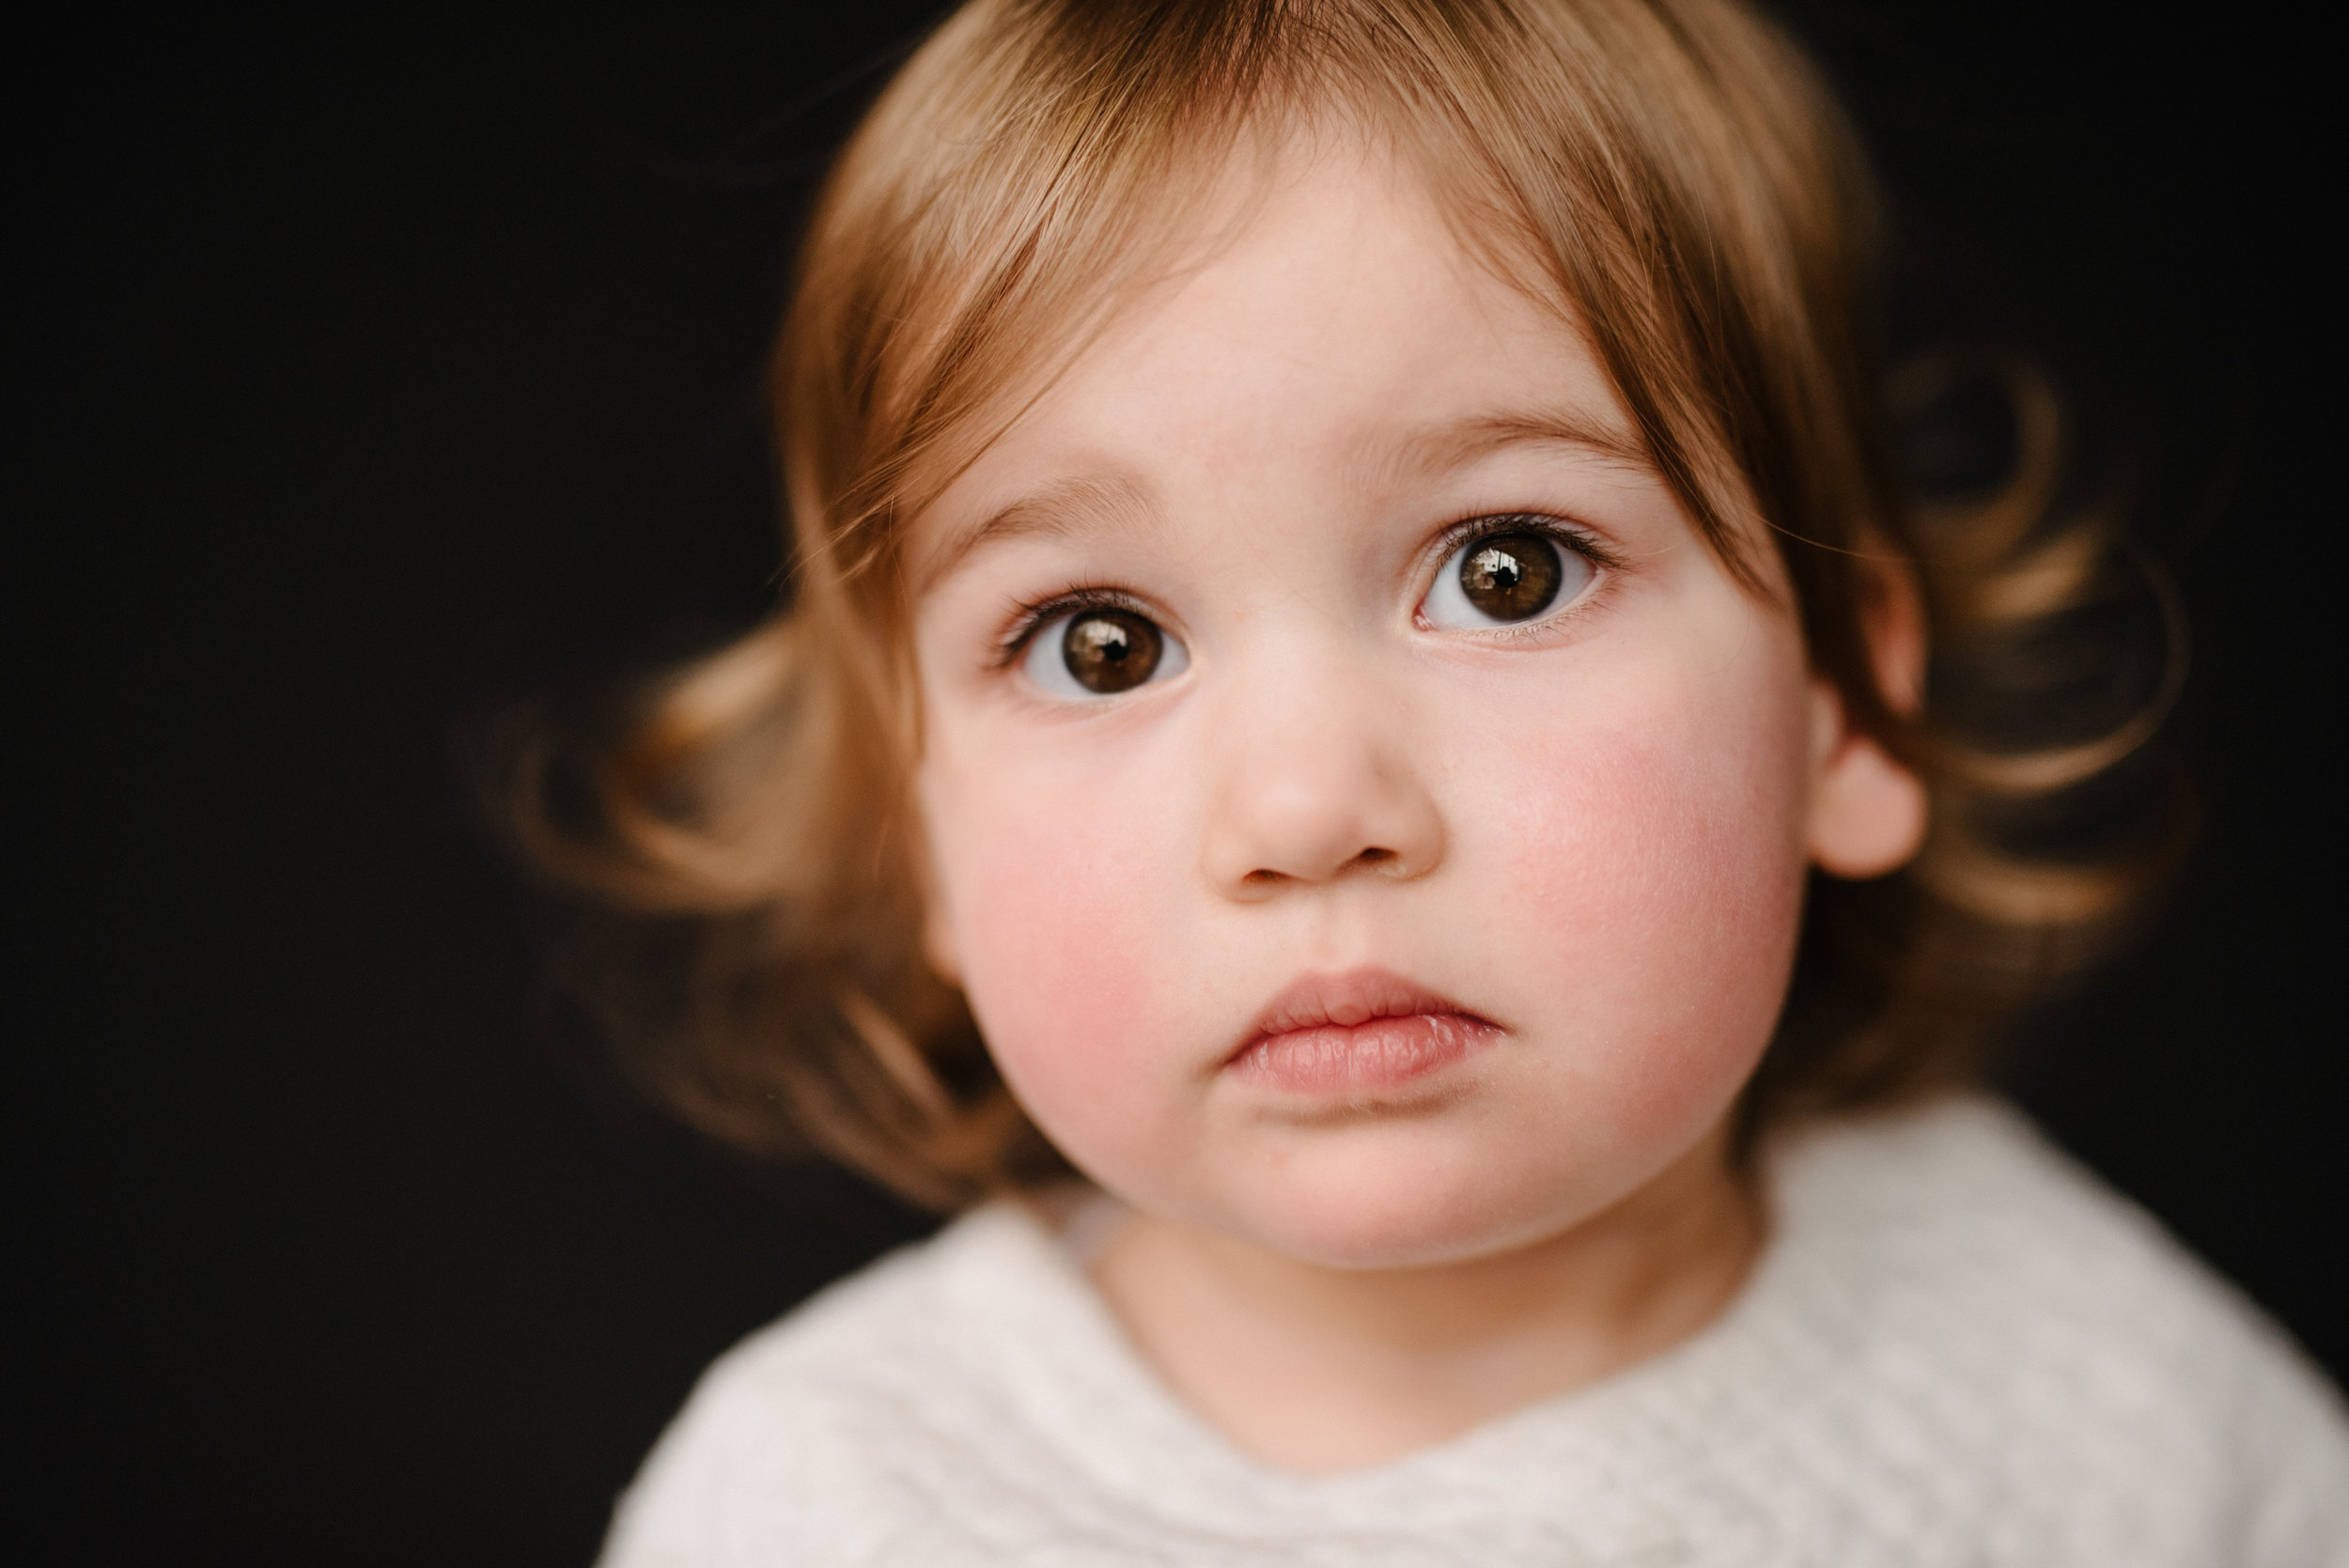 photo-de-garderie-originale-et-authentique-petite-fille-serieuse-photographe-lifestyle-famille-et-nouveau-ne-a-montreal-marianne-charland_-011.jpg